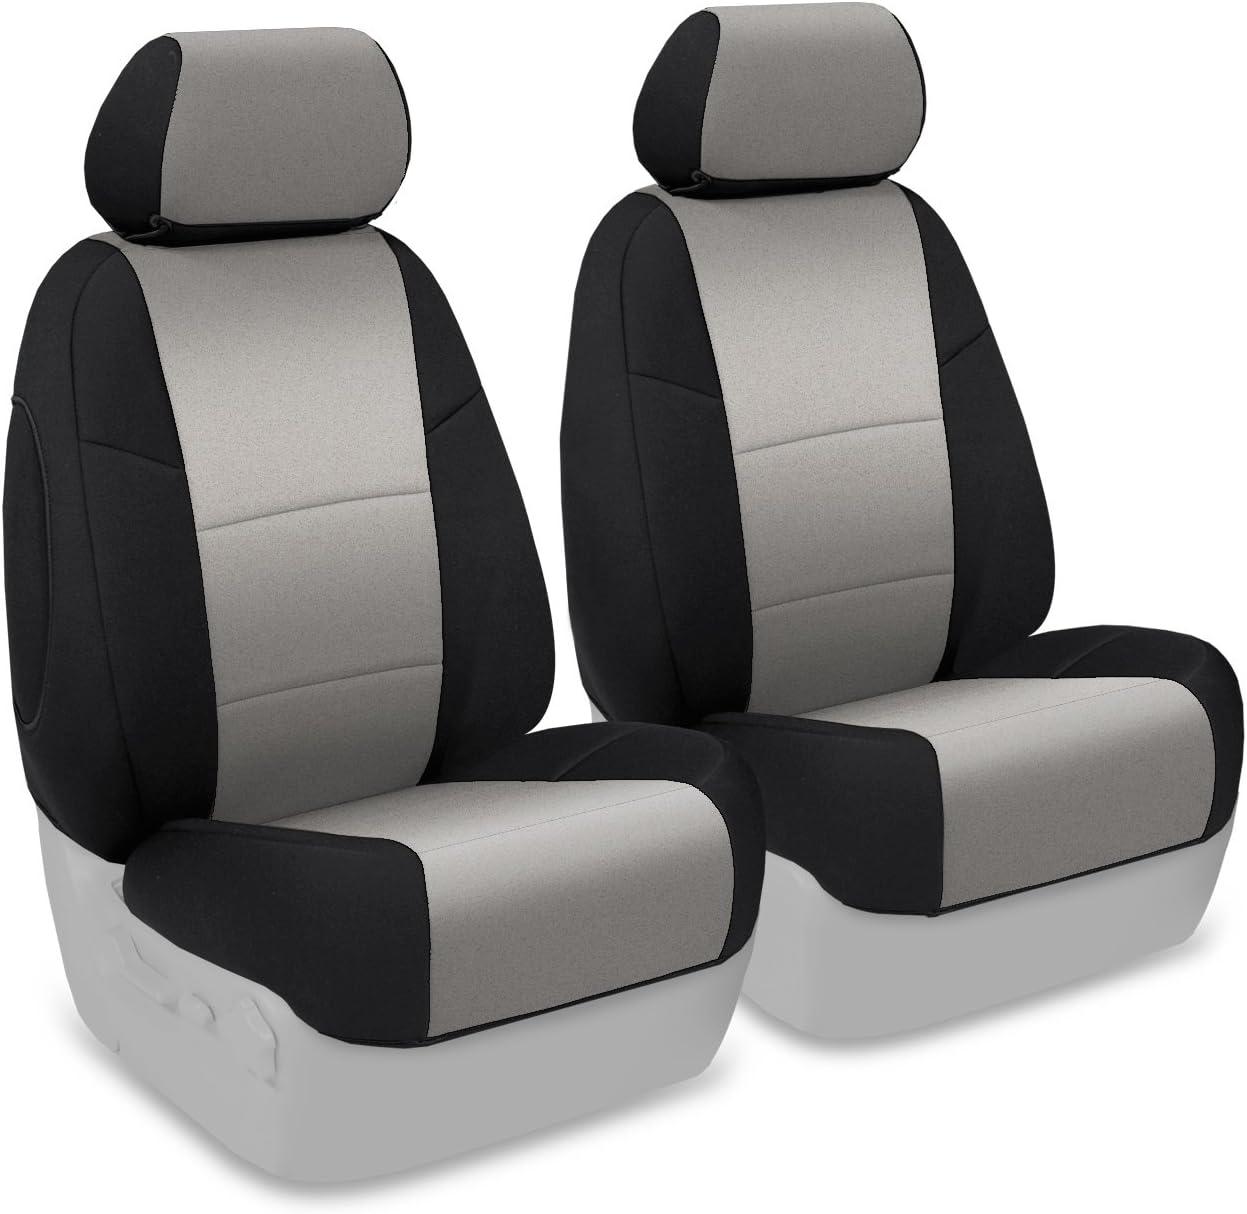 Coverking CR-Grade Neoprene Custom Tailored Front Seat Covers for Dodge Ram